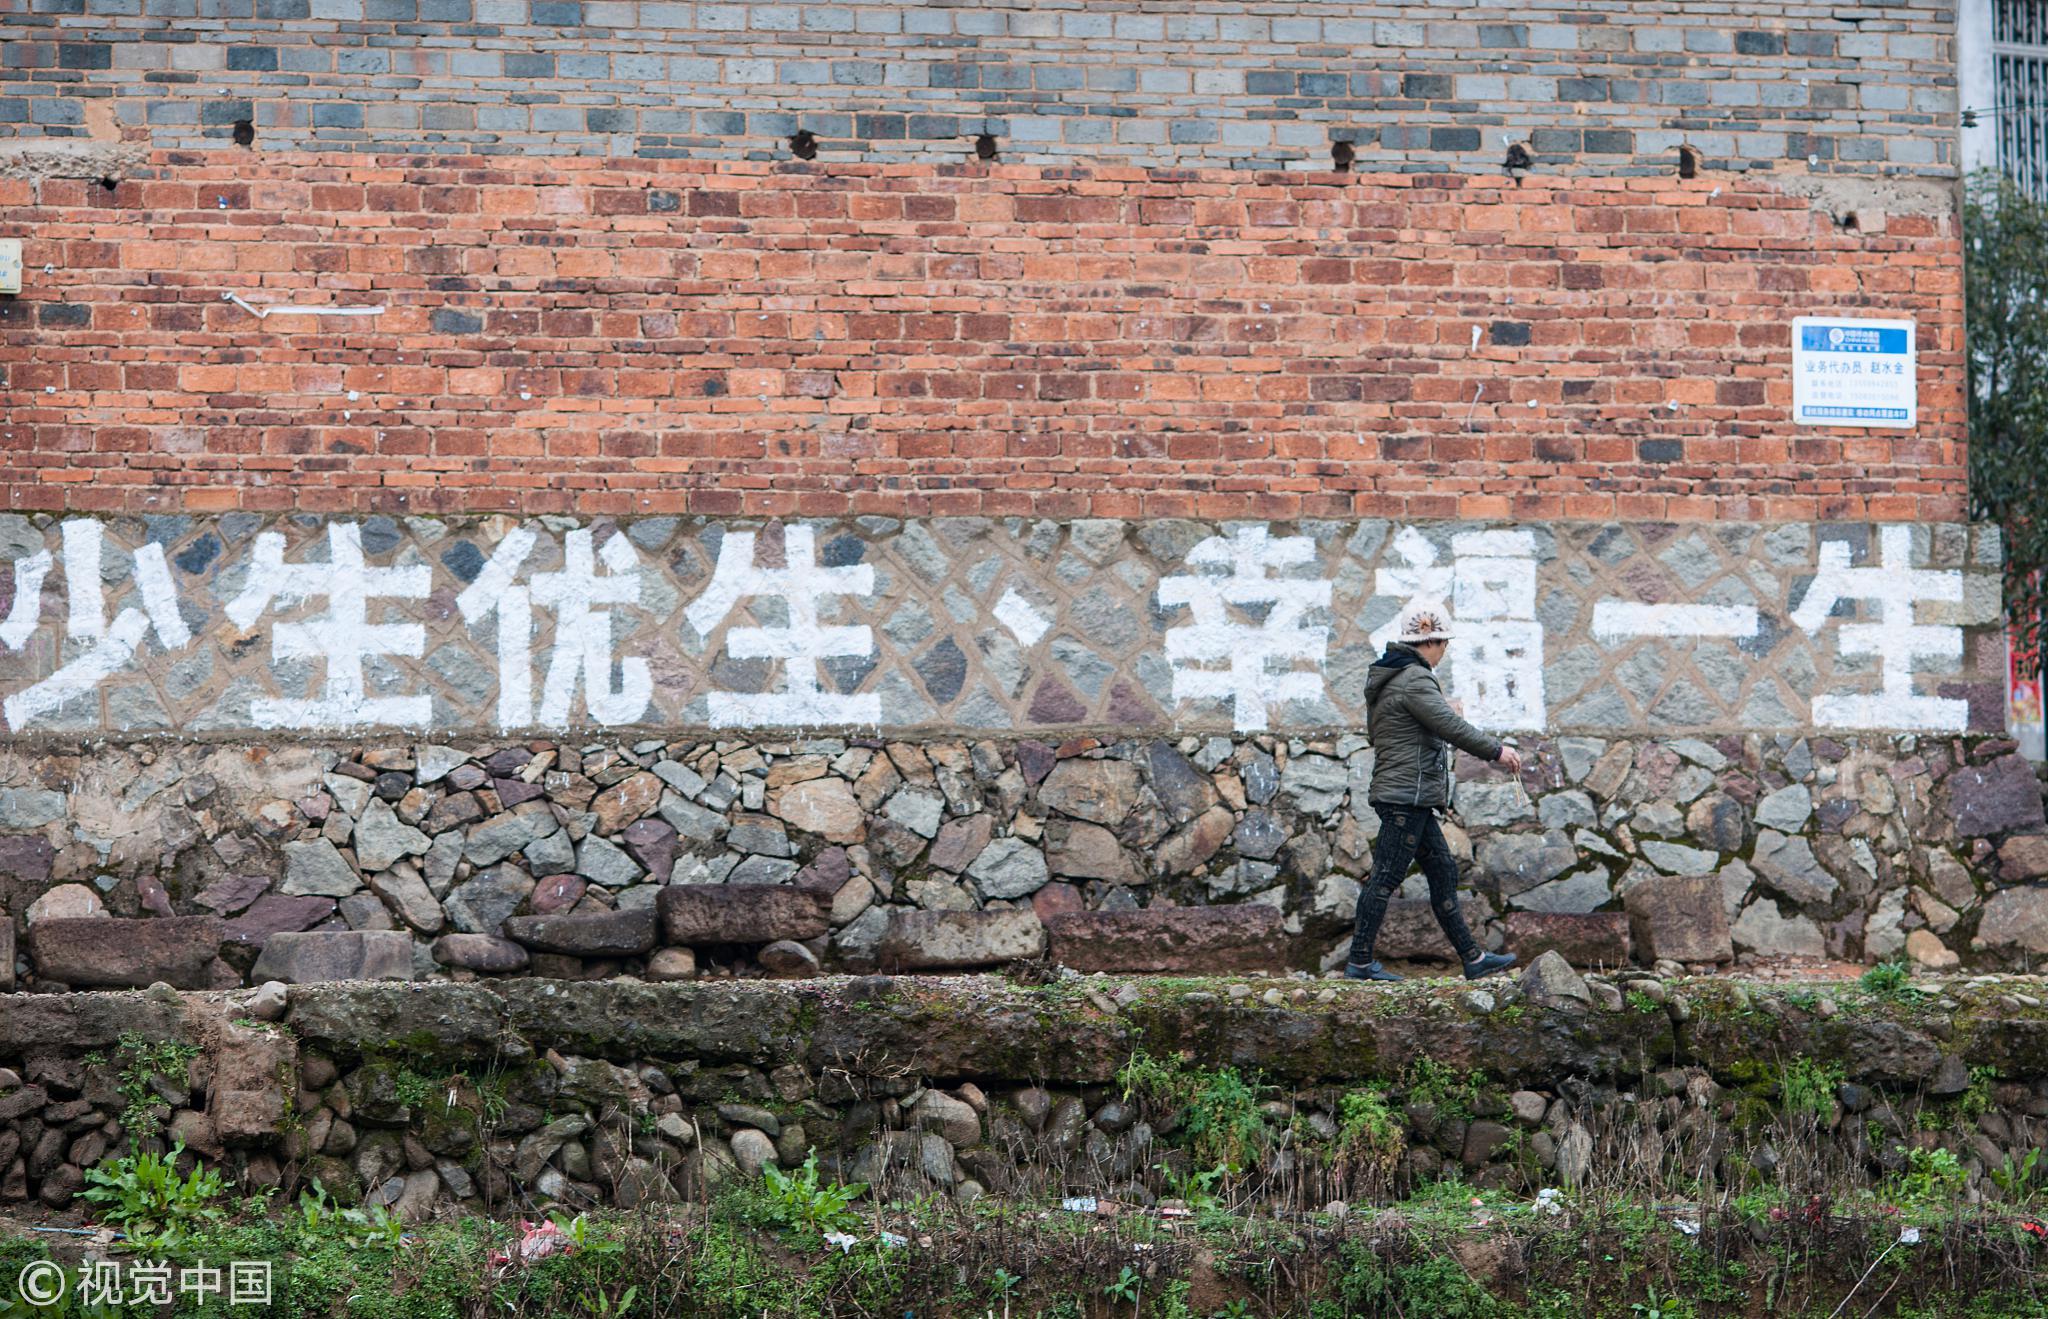 2018-09-25,福建省南平市蒲城县,写有计划生育宣传标语的土墙。 / 视觉中国